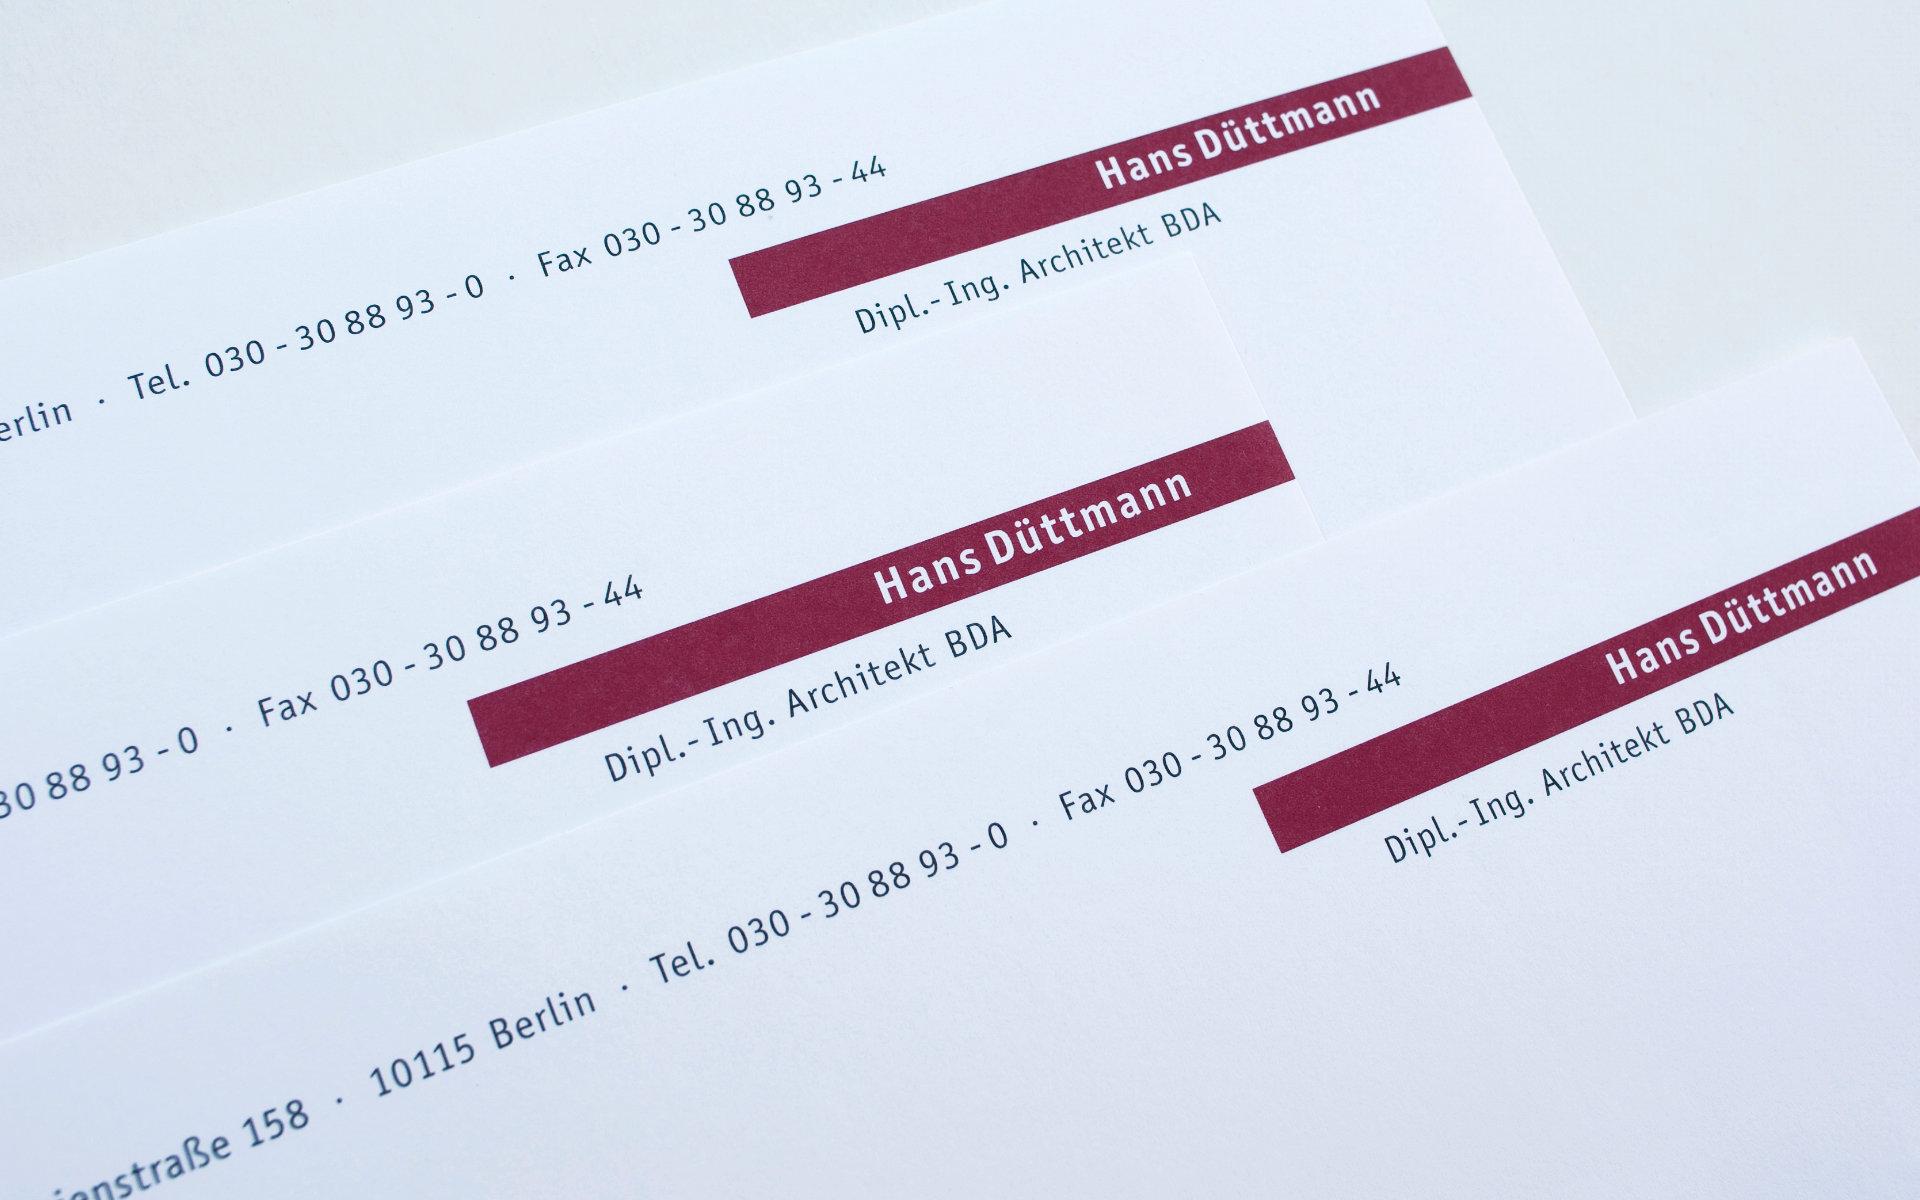 Hans Duettmann Geschaeftsausstattung Briefpapier Logoentwicklung